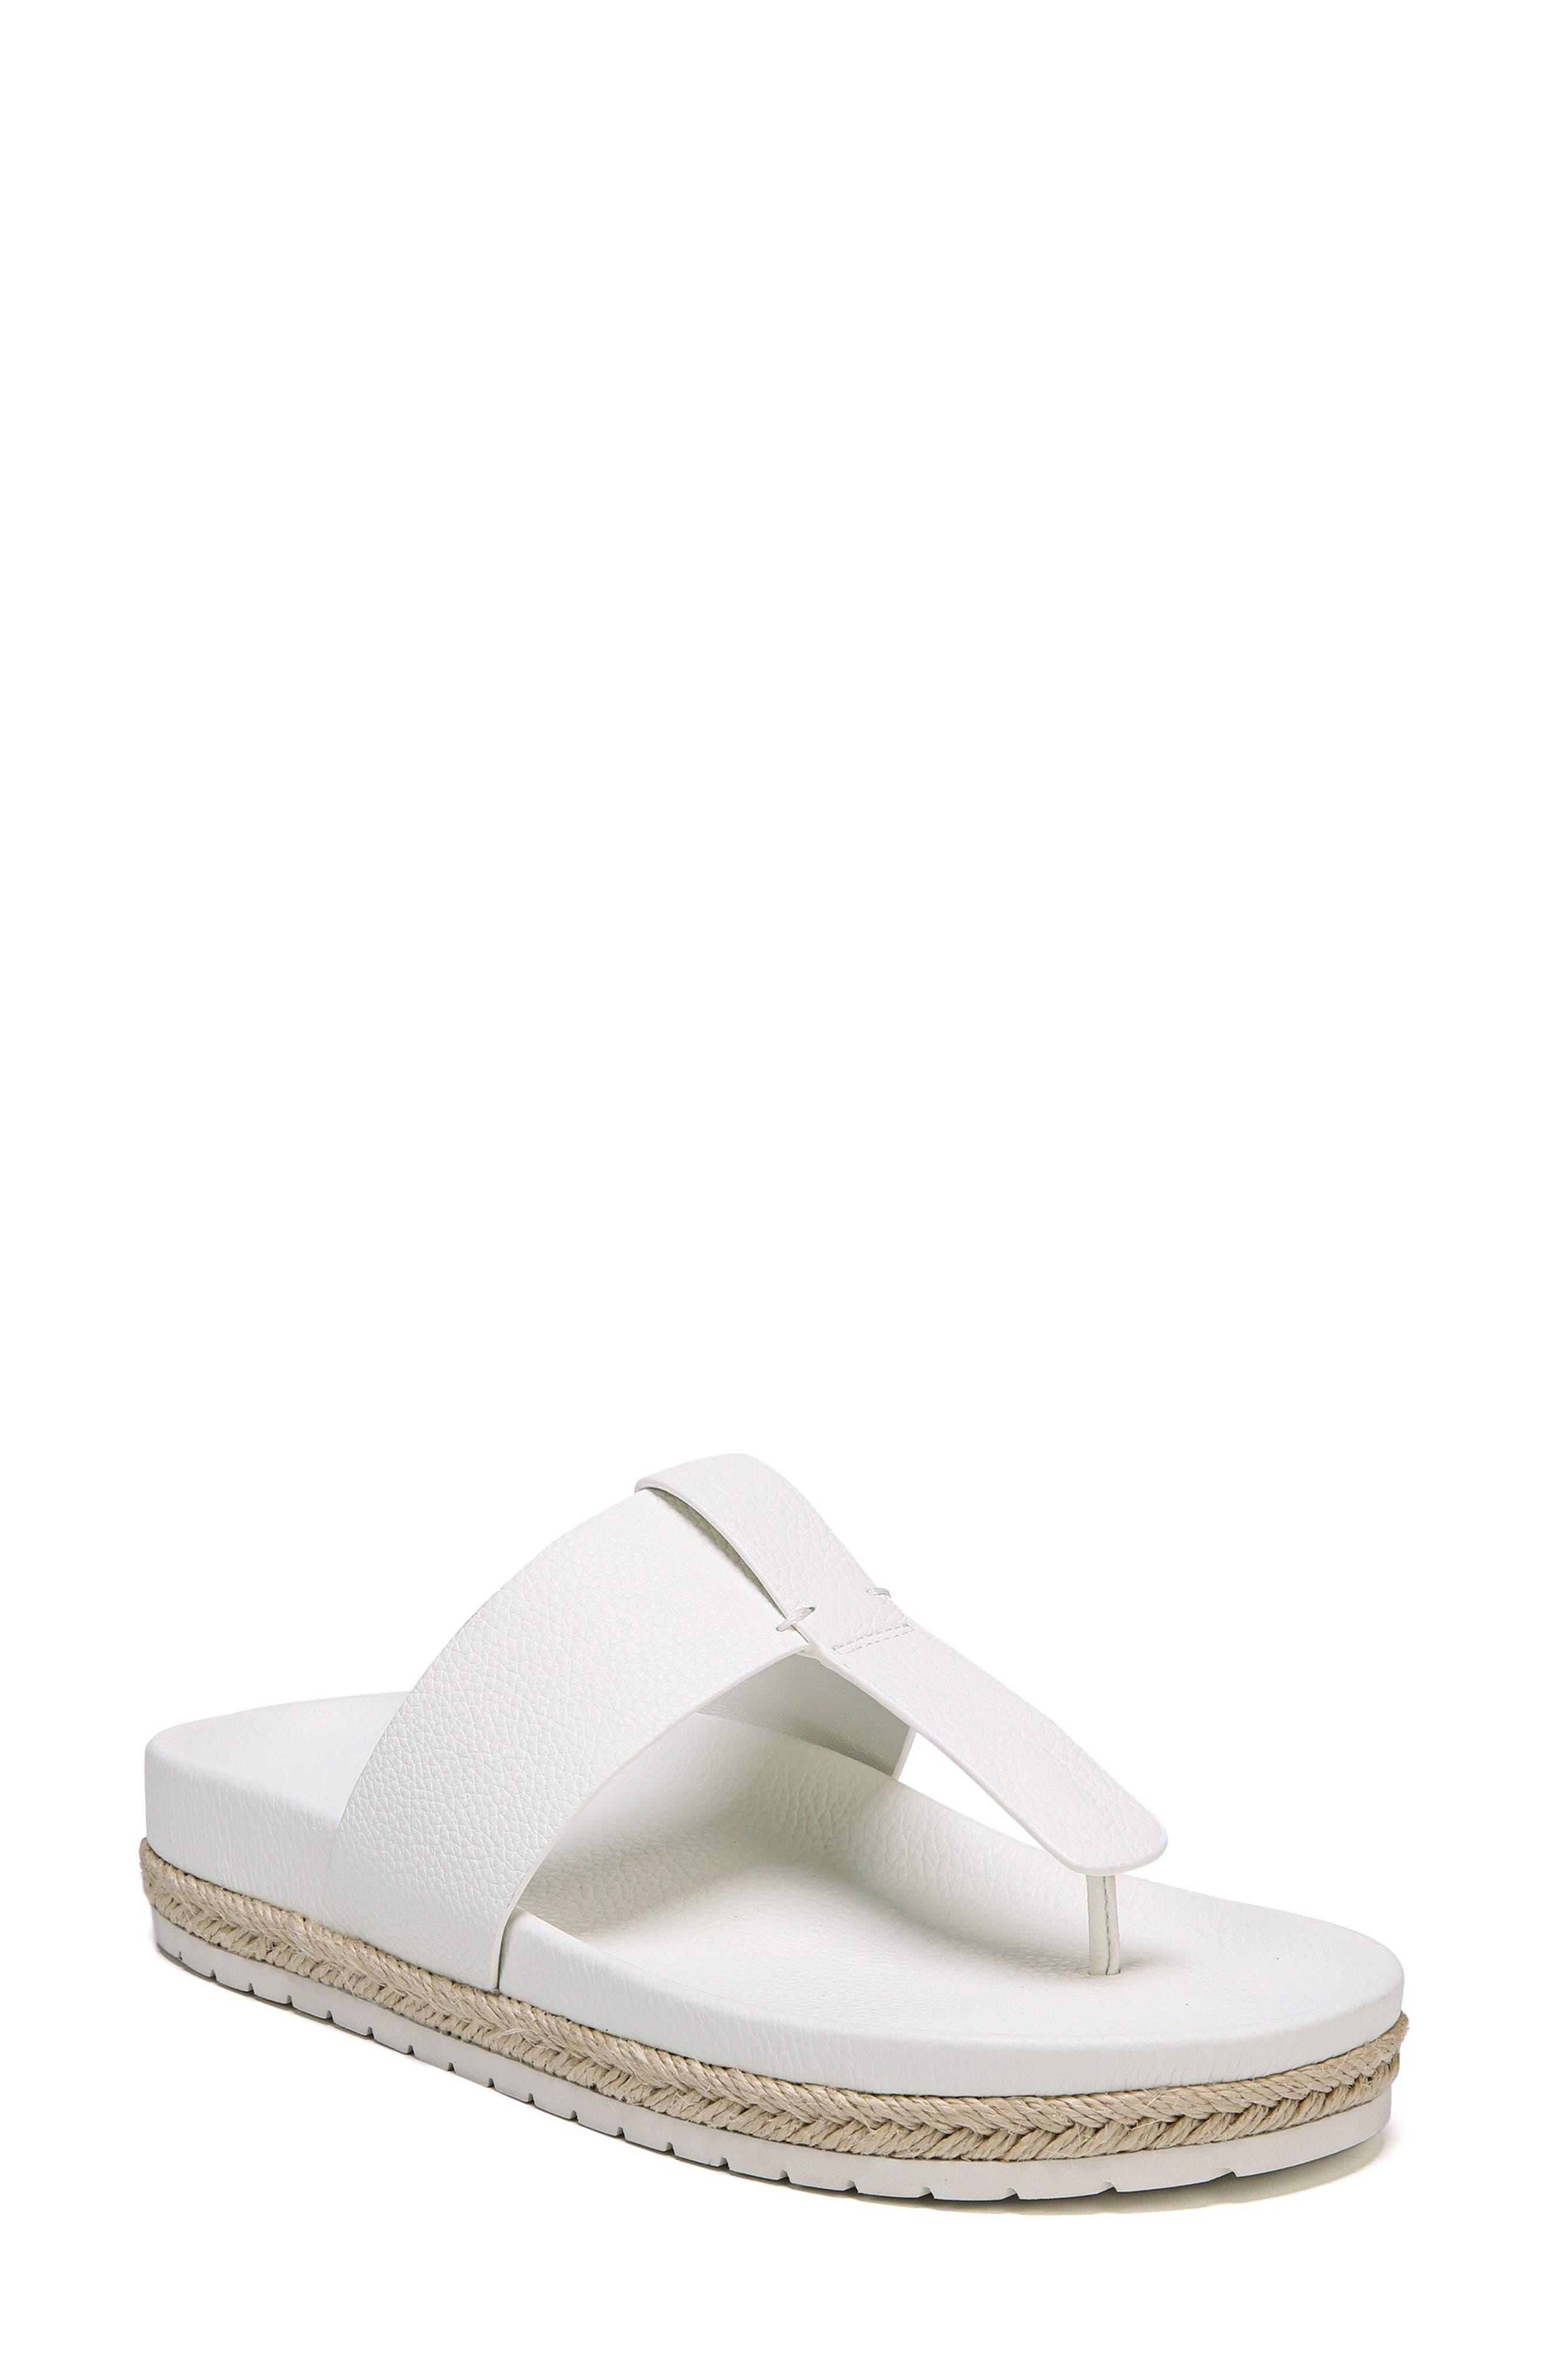 Avani T-Strap Flat Sandal,                             Main thumbnail 3, color,